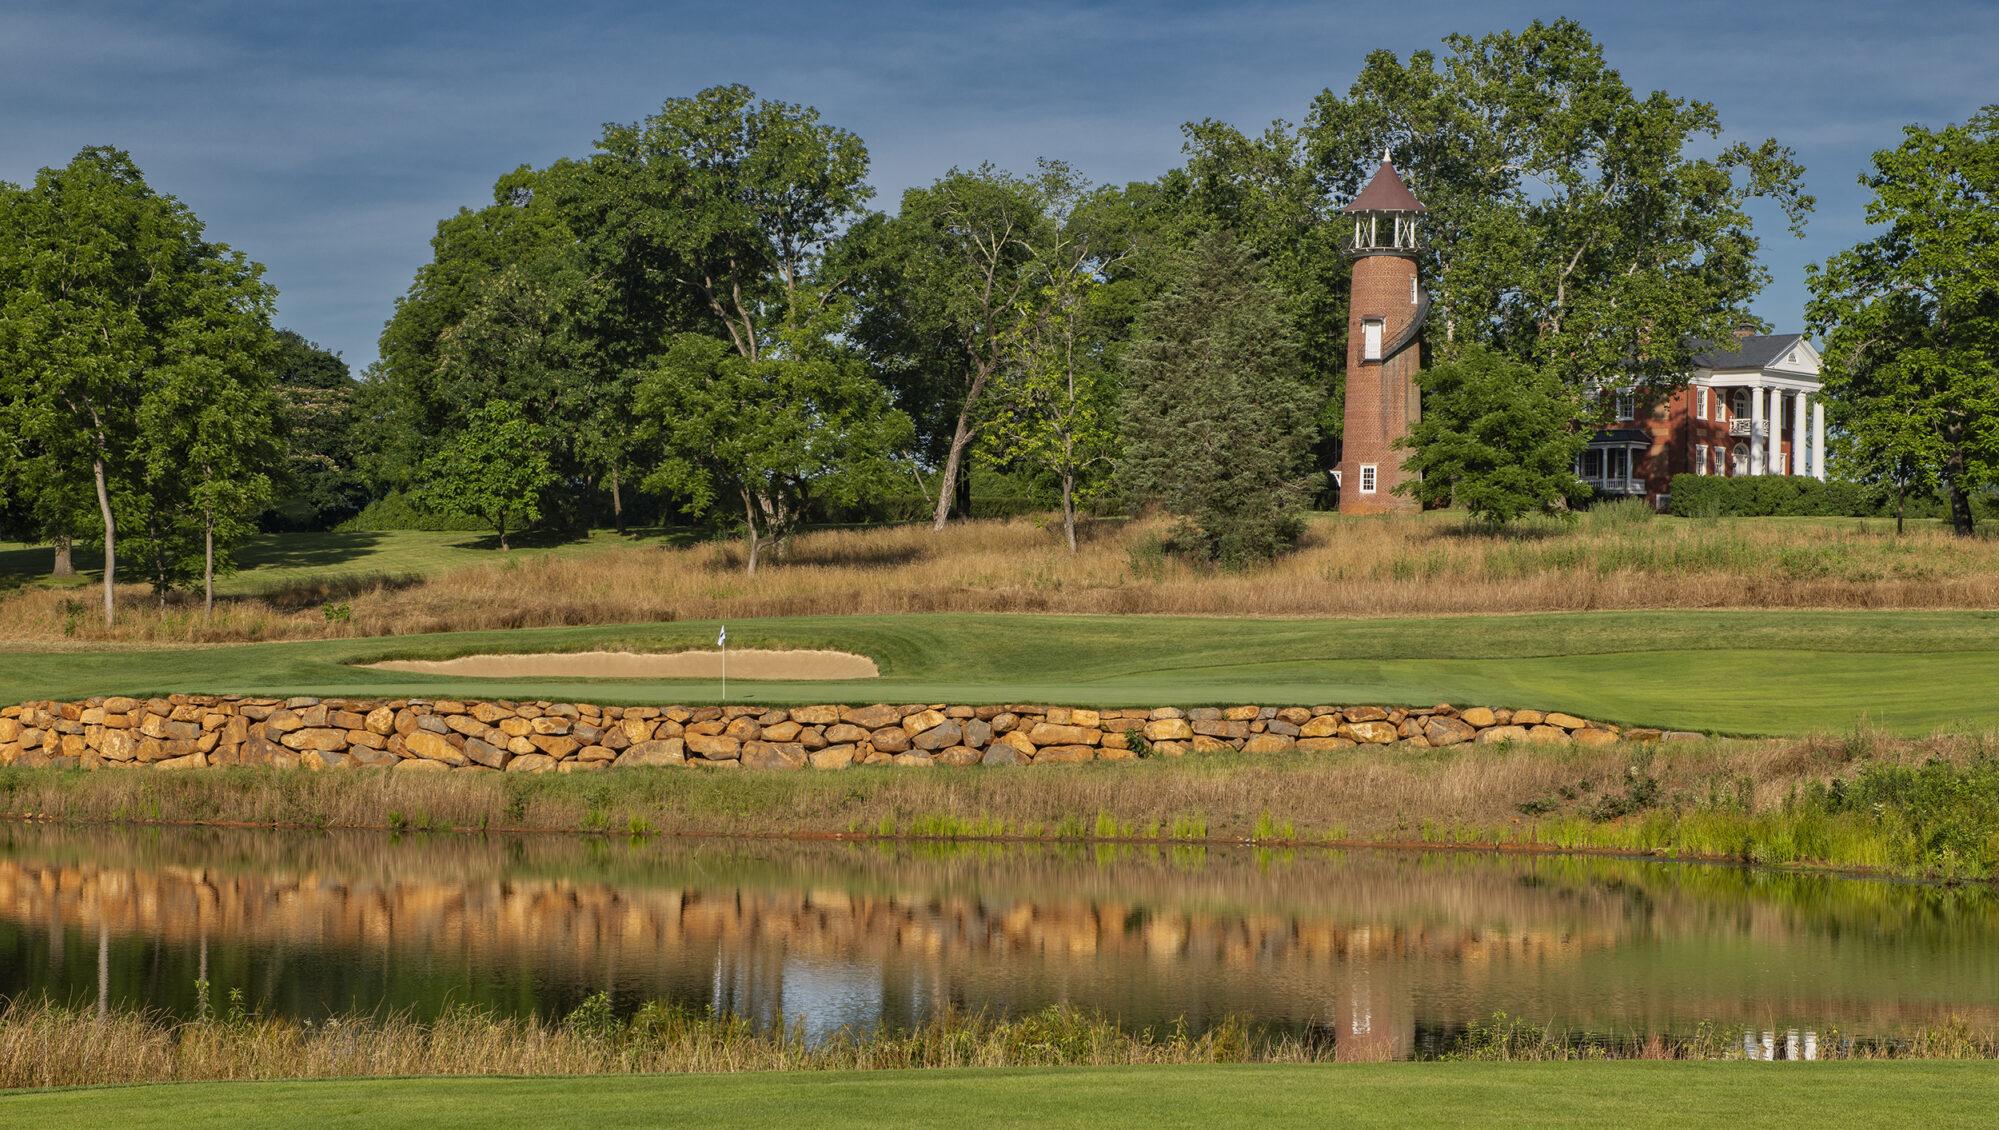 Boars Resort Golf Club 17th hole